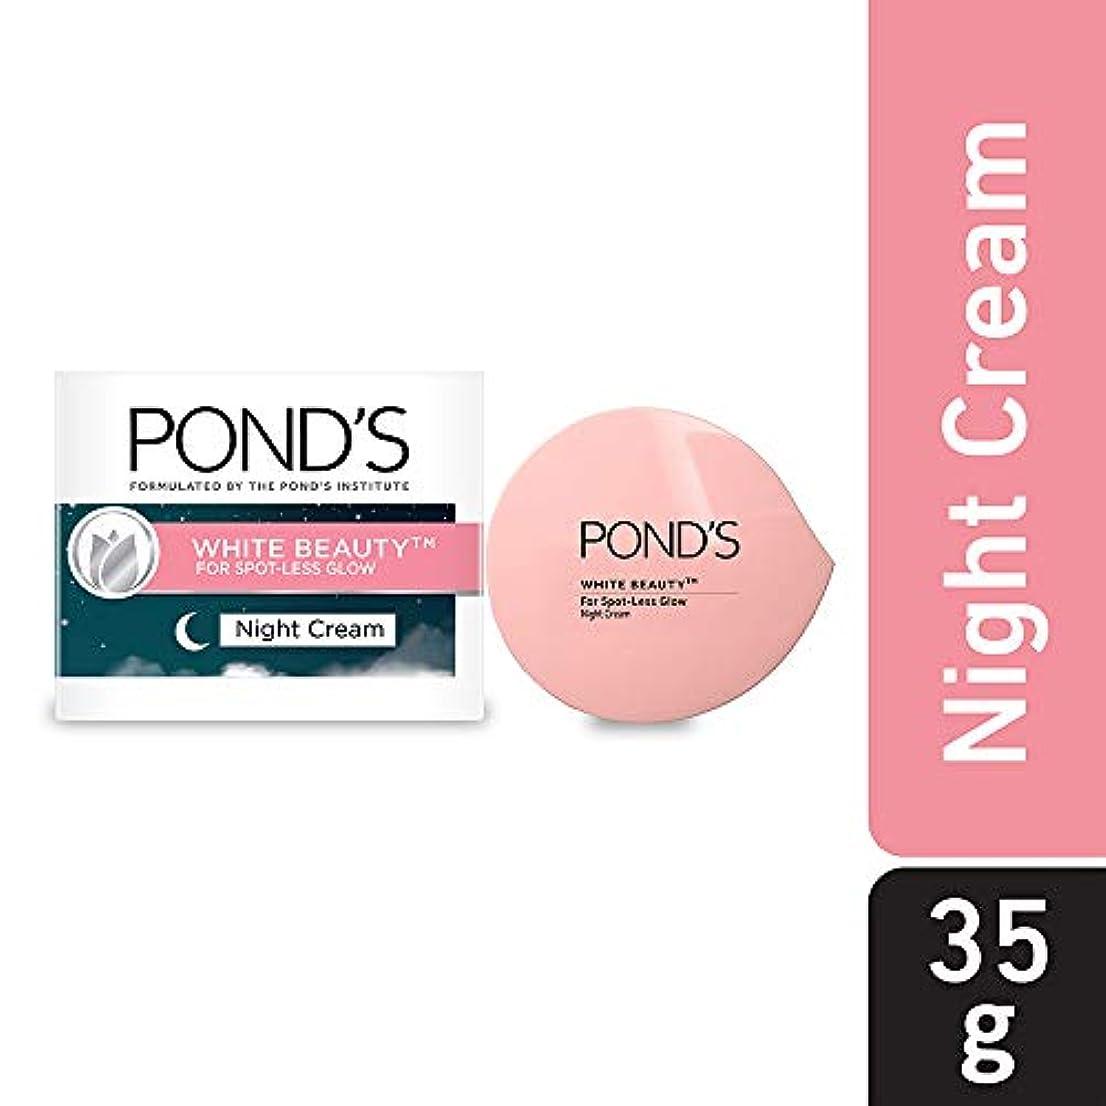 ダンプ実質的にPOND'S White Beauty Night Cream, 35 g - India (並行インポート)